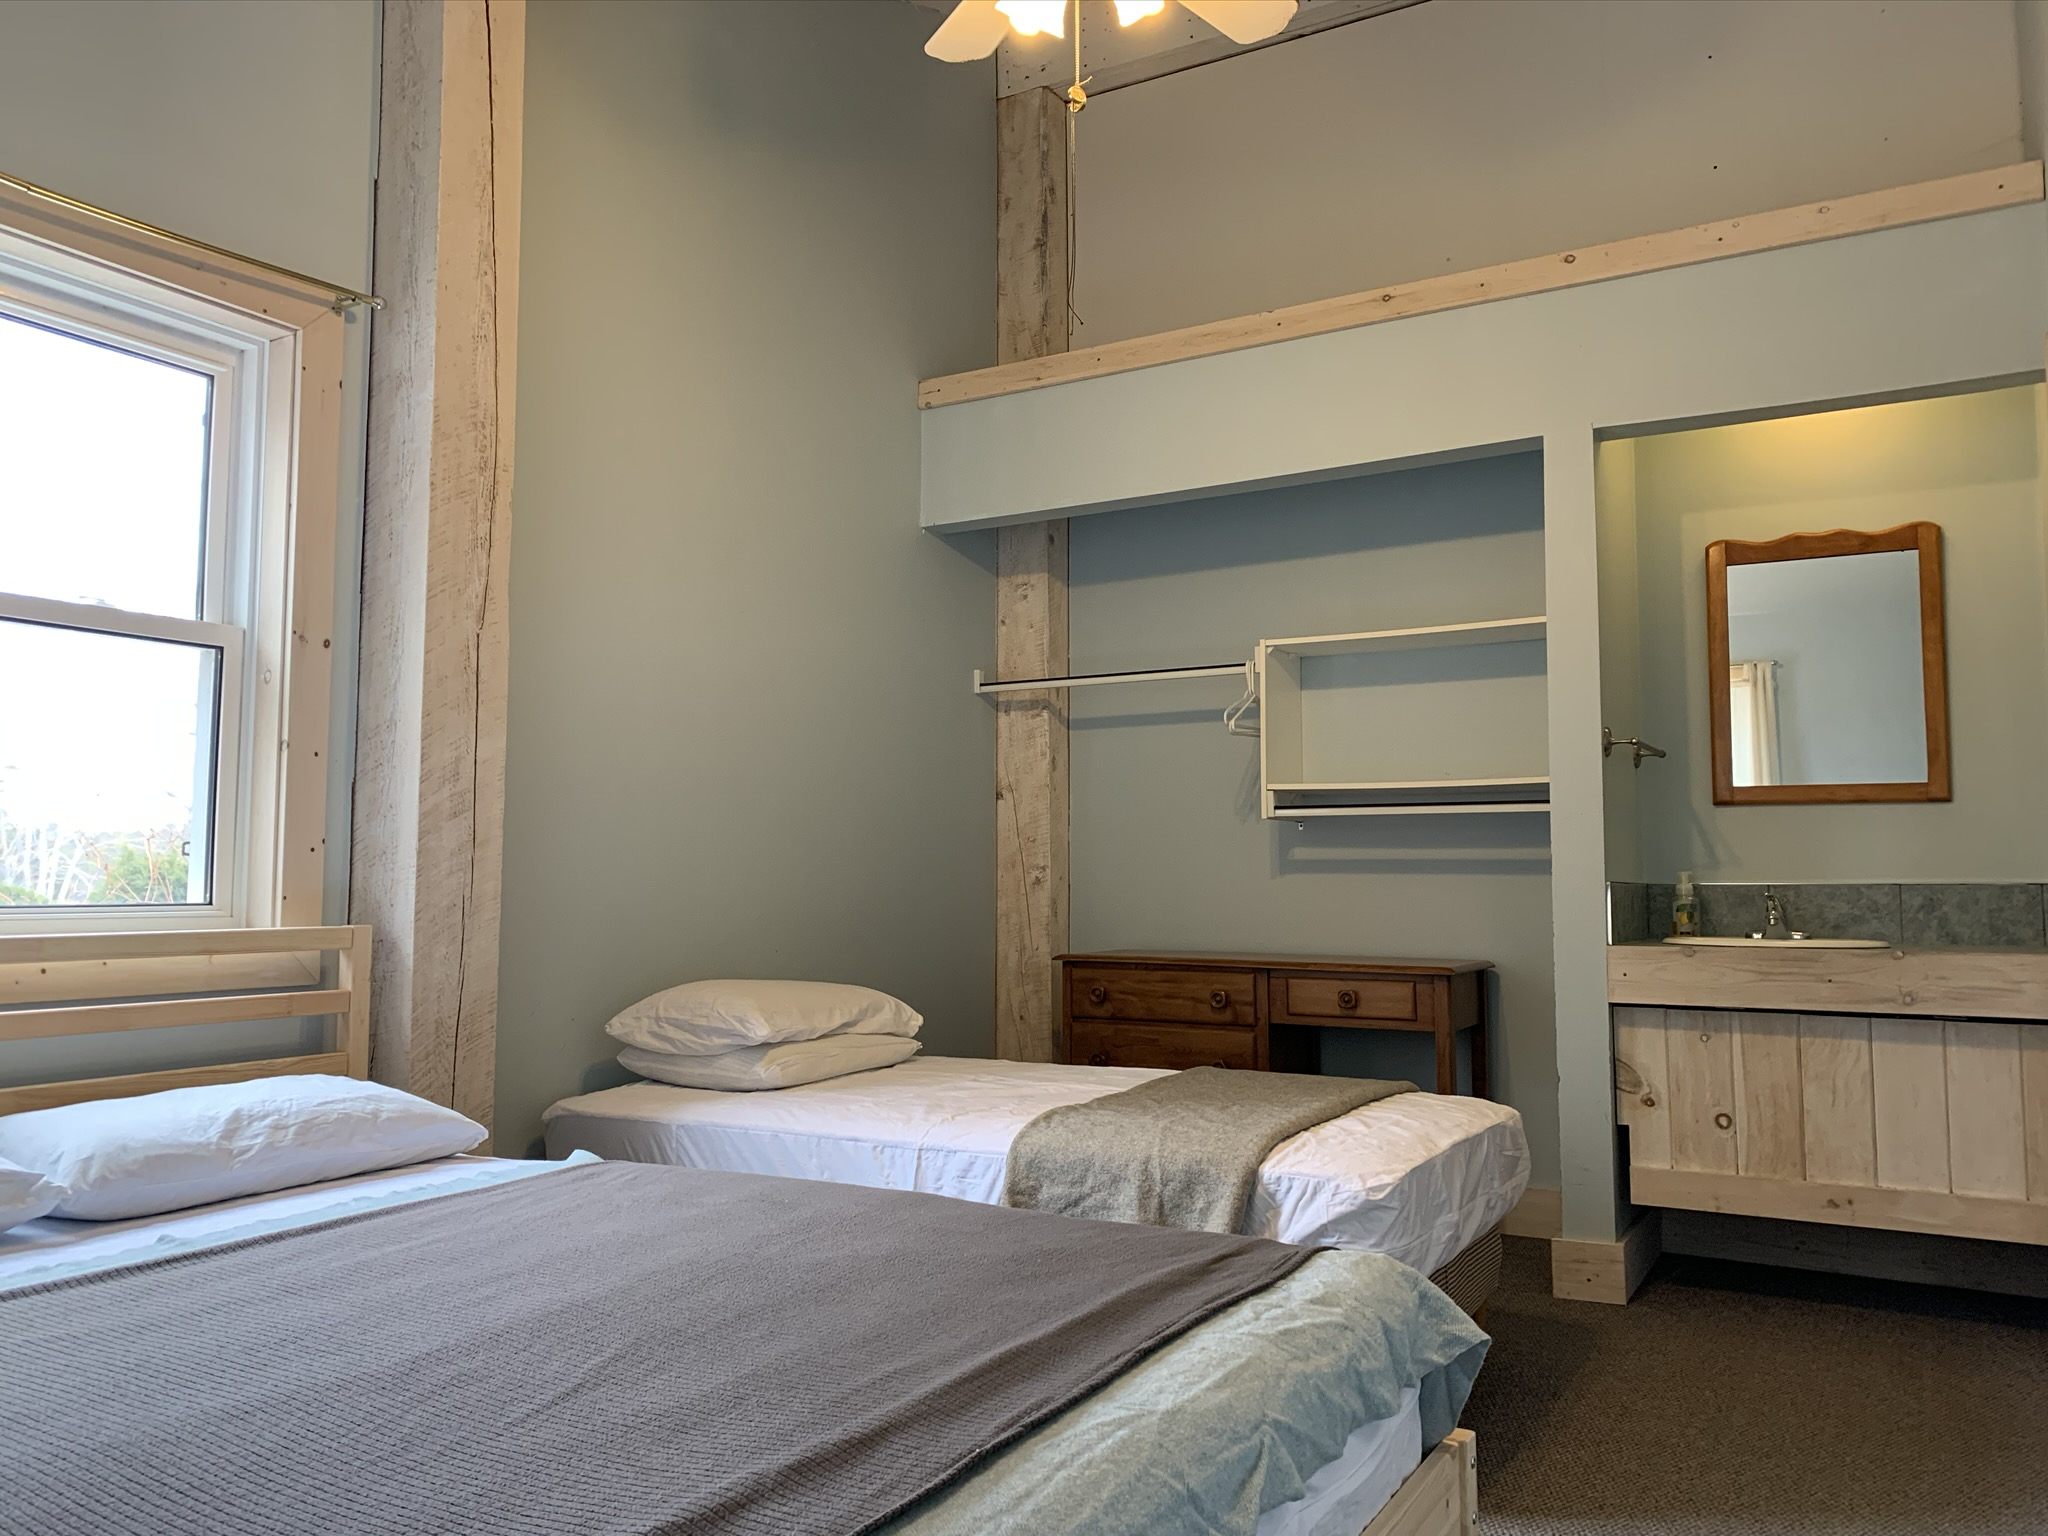 2 Bedroom - 11